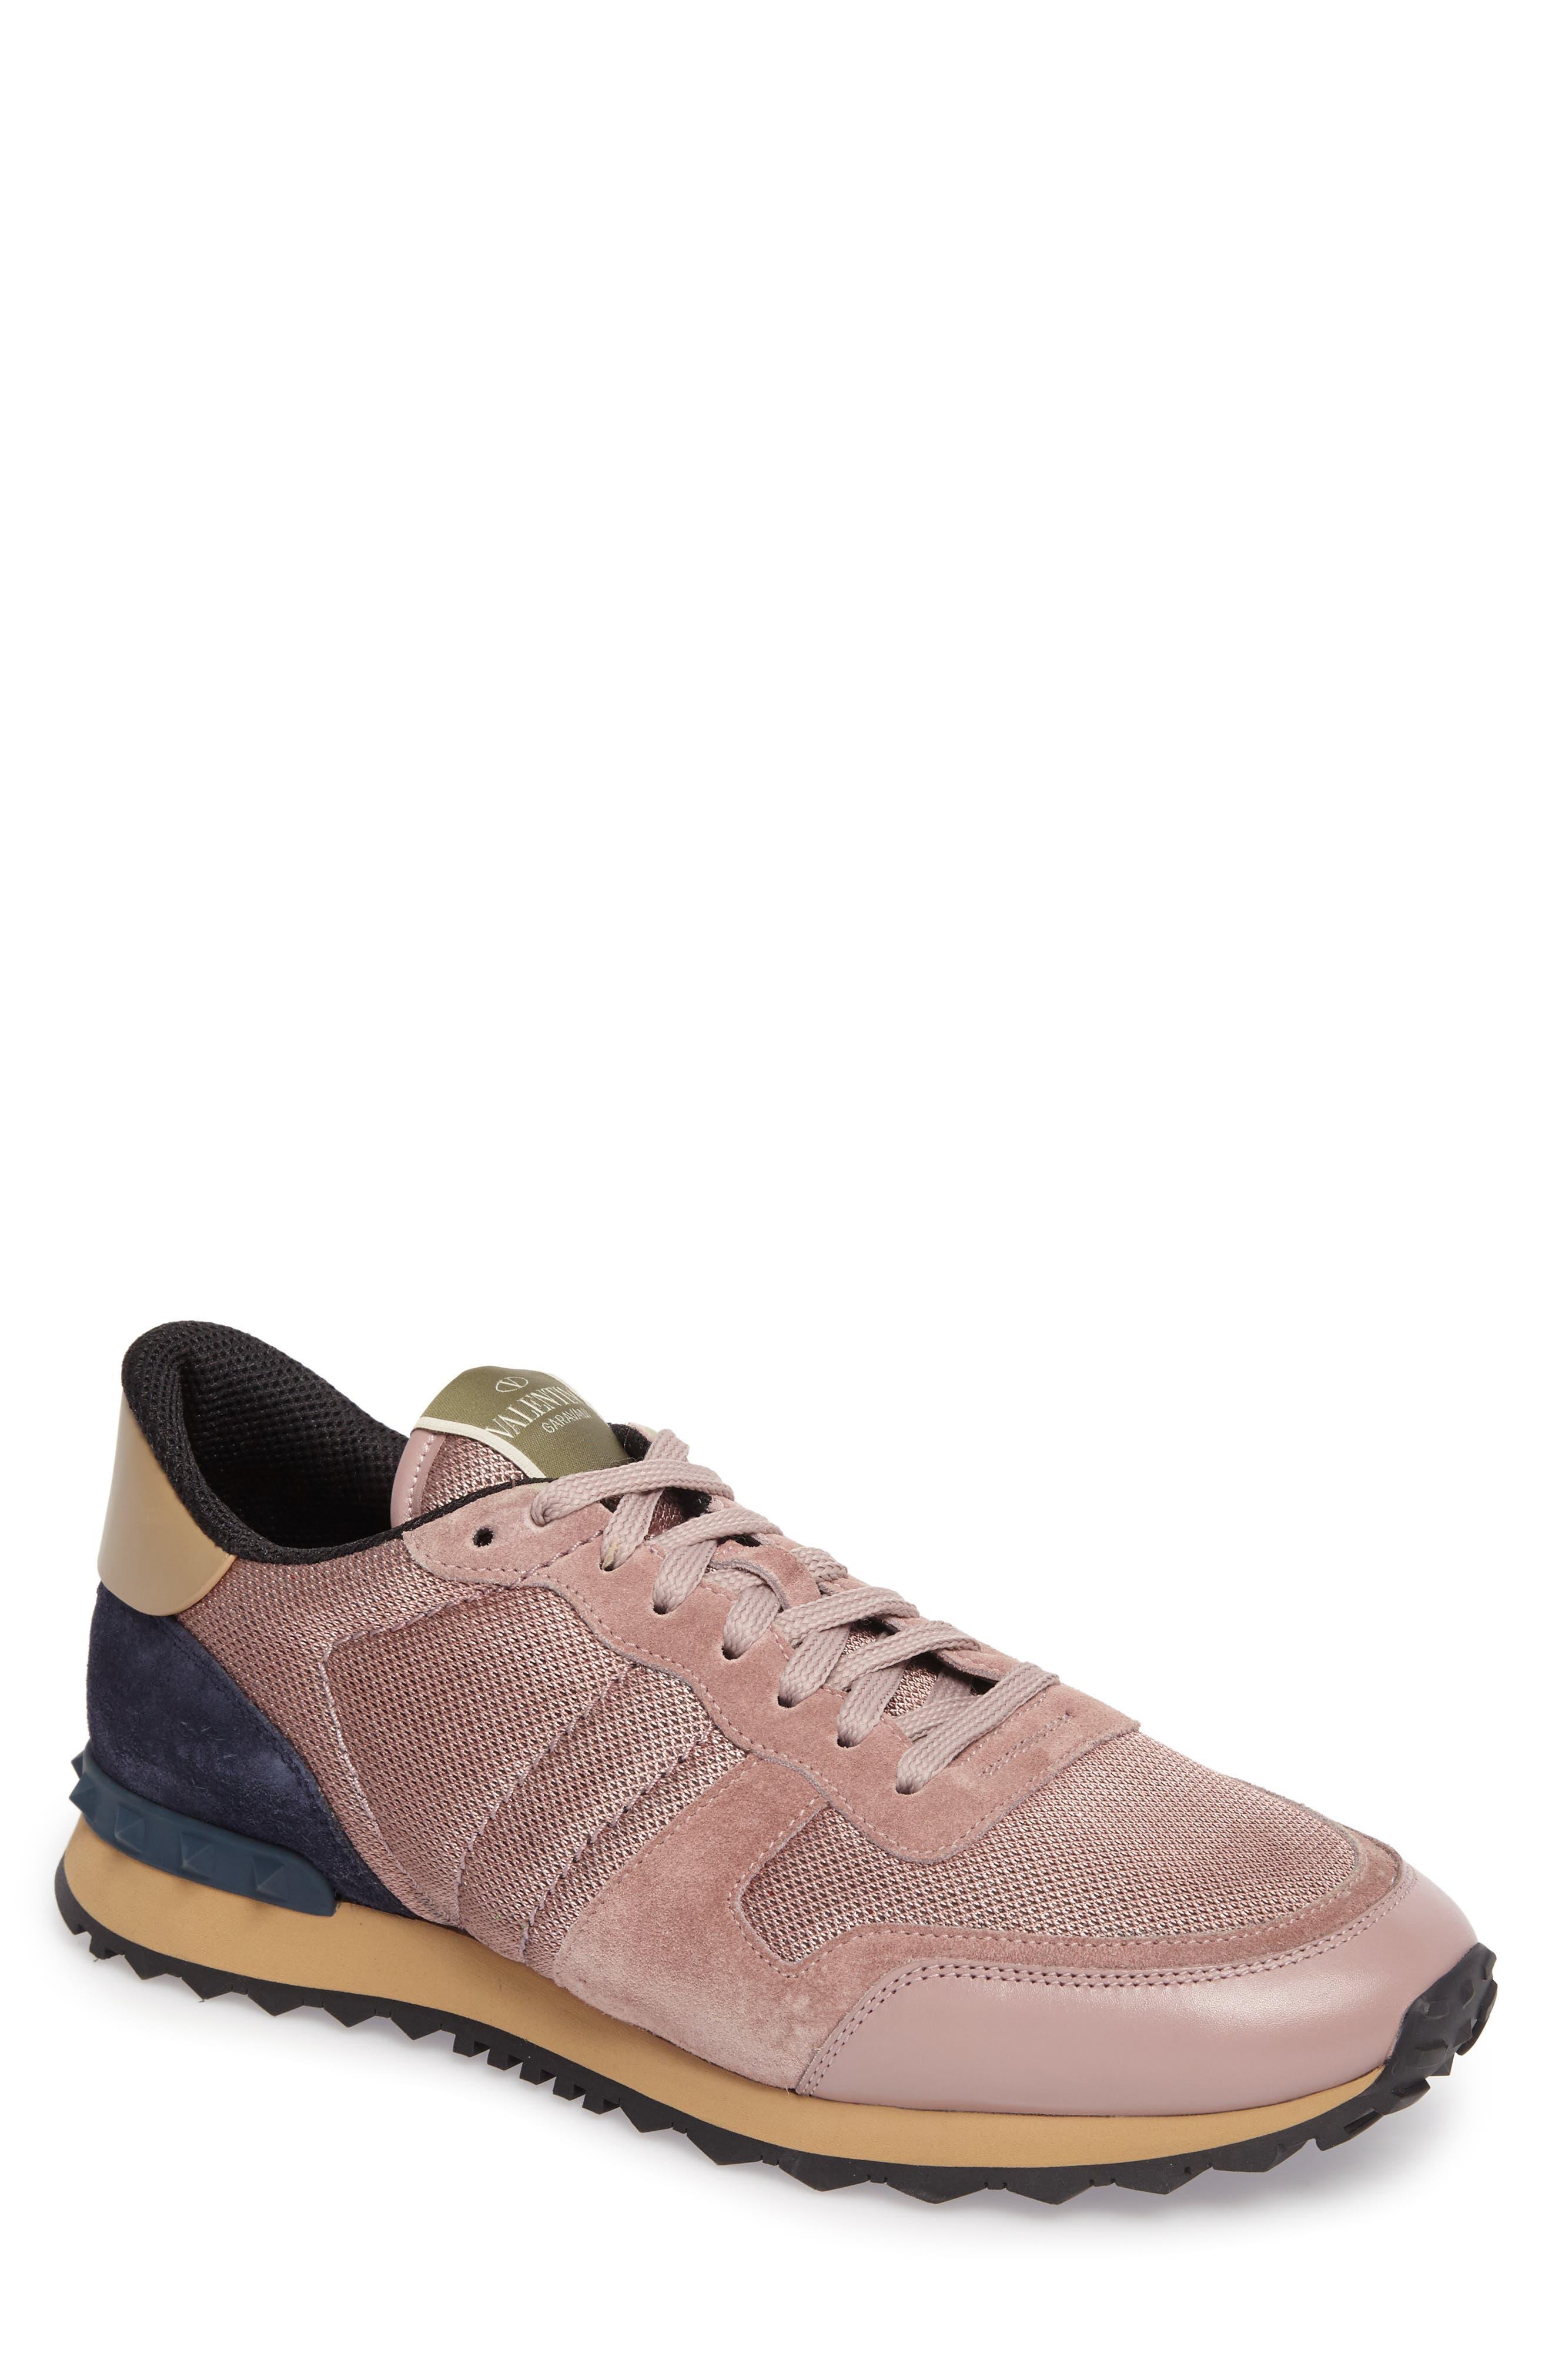 VALENTINO GARAVANI Nylon Rockrunner Sneaker (Men)